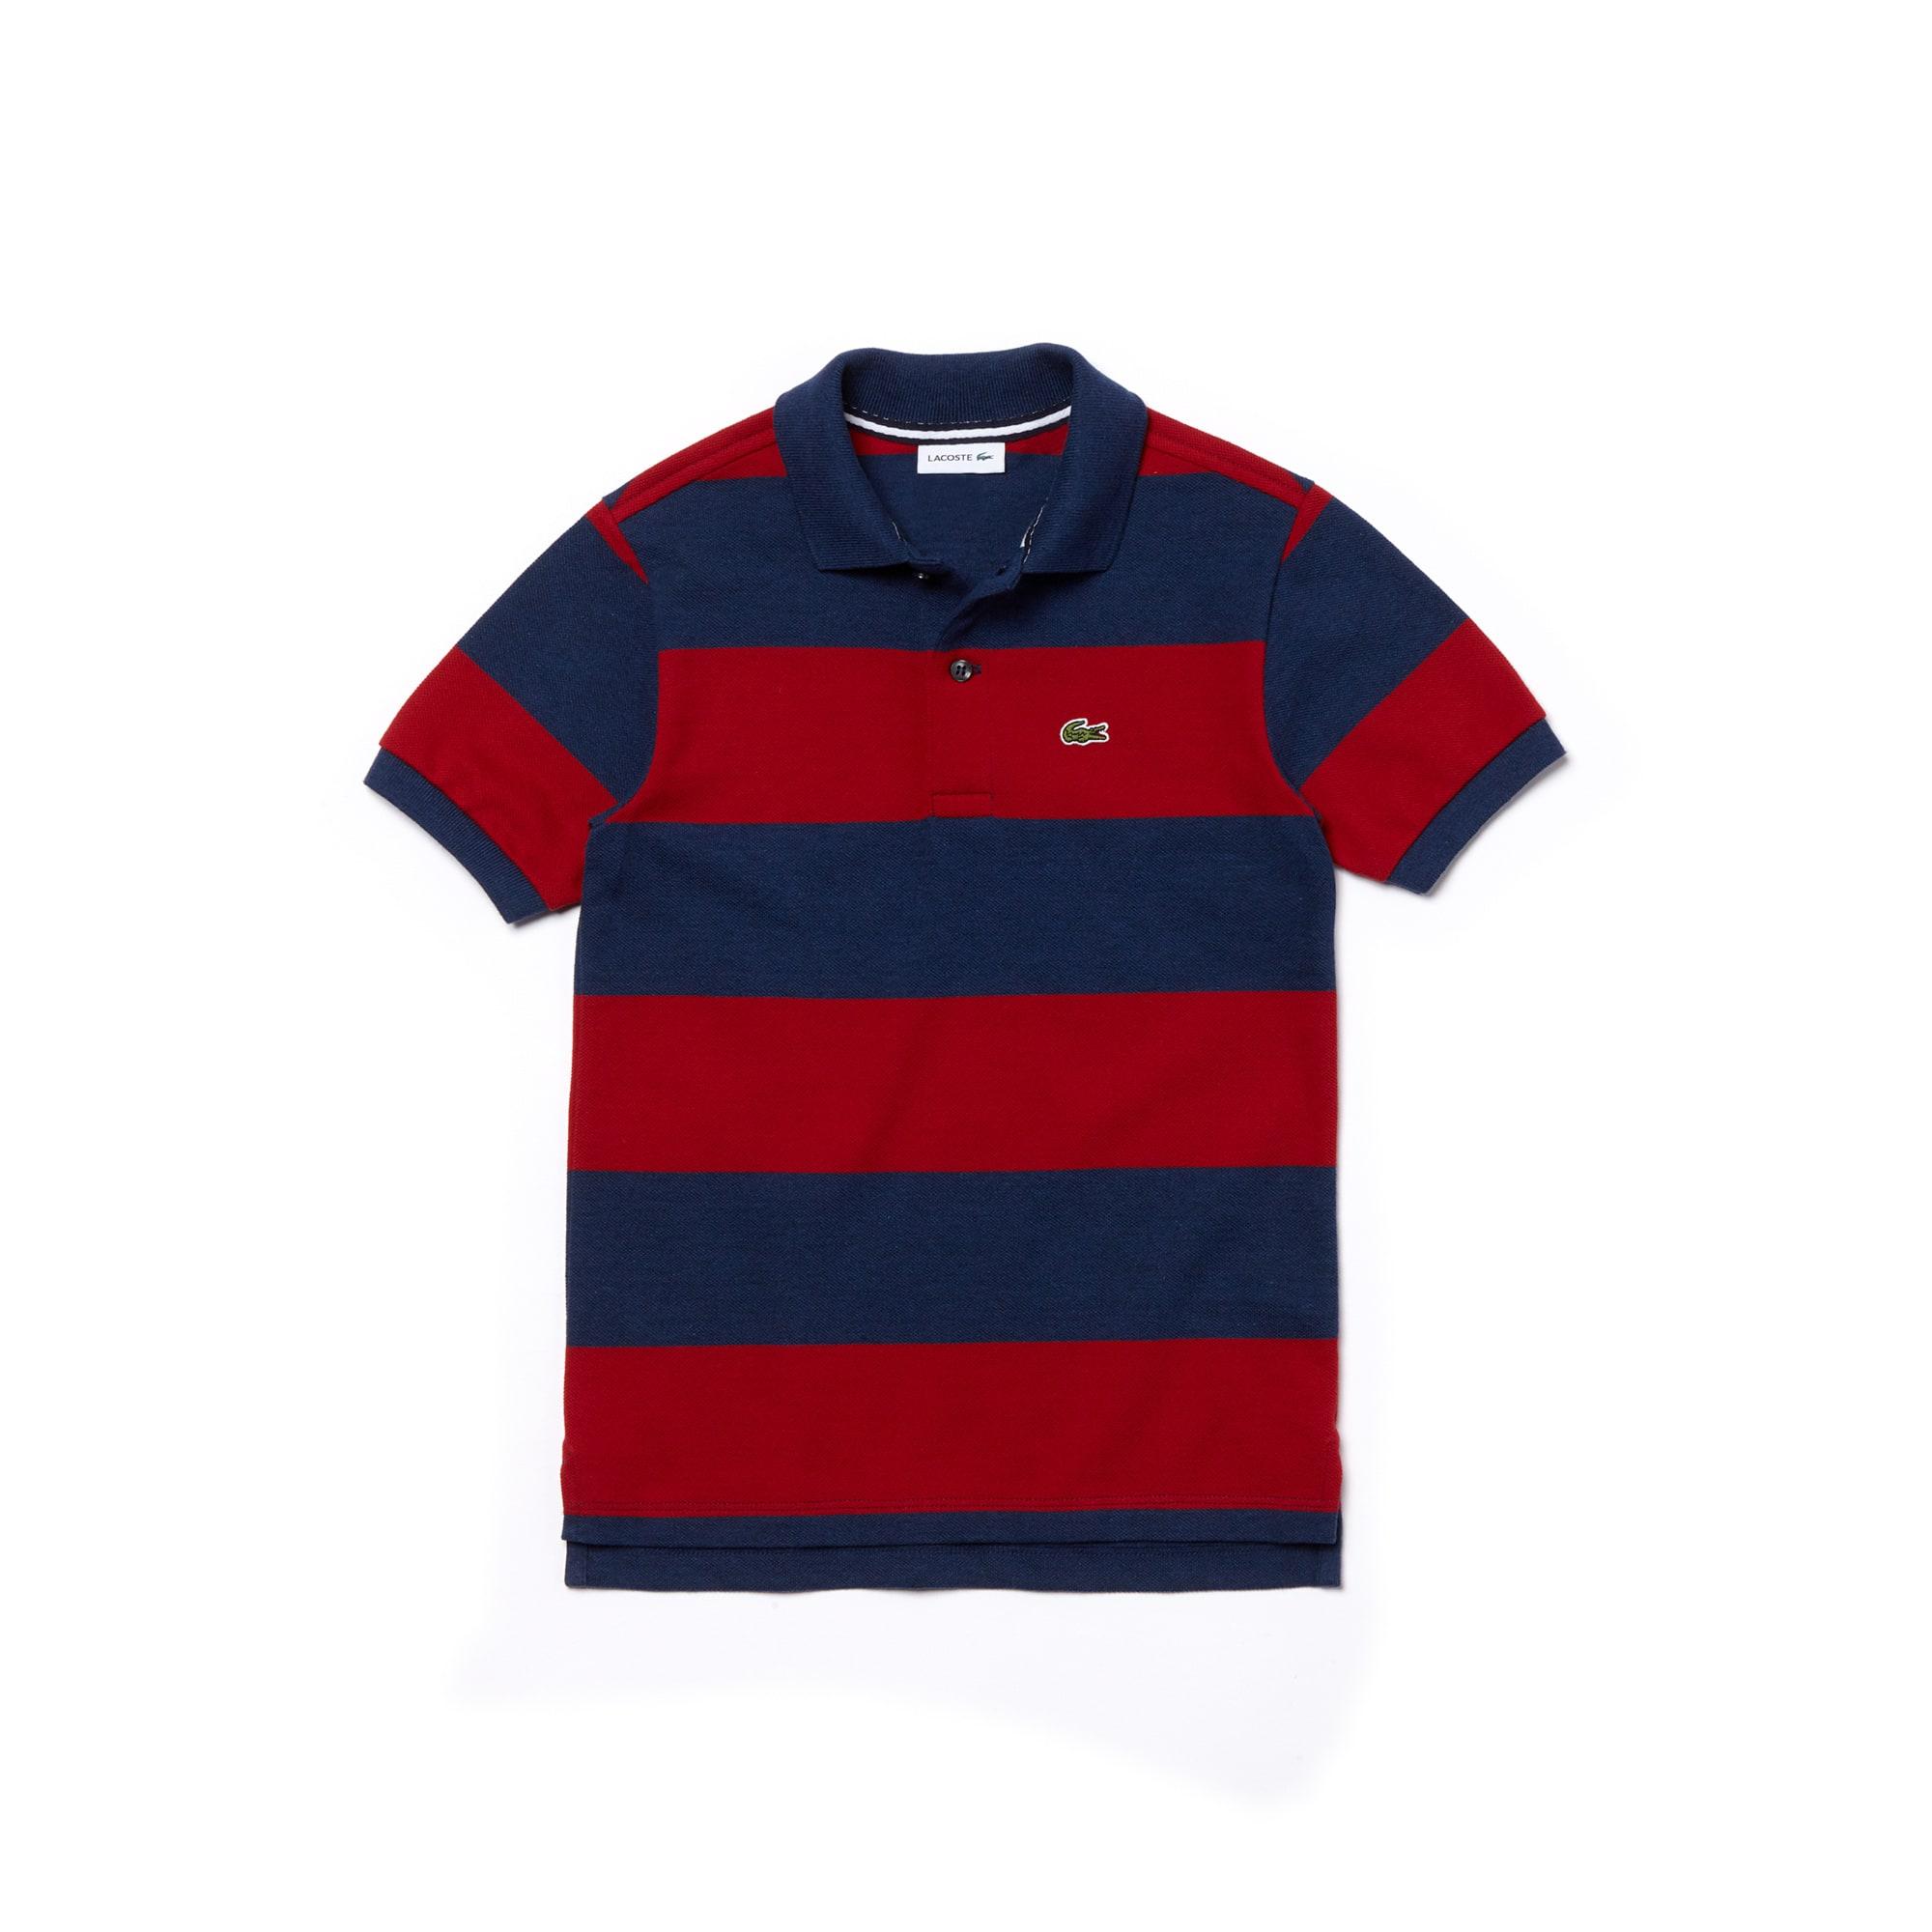 18b3856c Boys' Lacoste Striped Cotton Petit Piqué Polo Shirt | LACOSTE